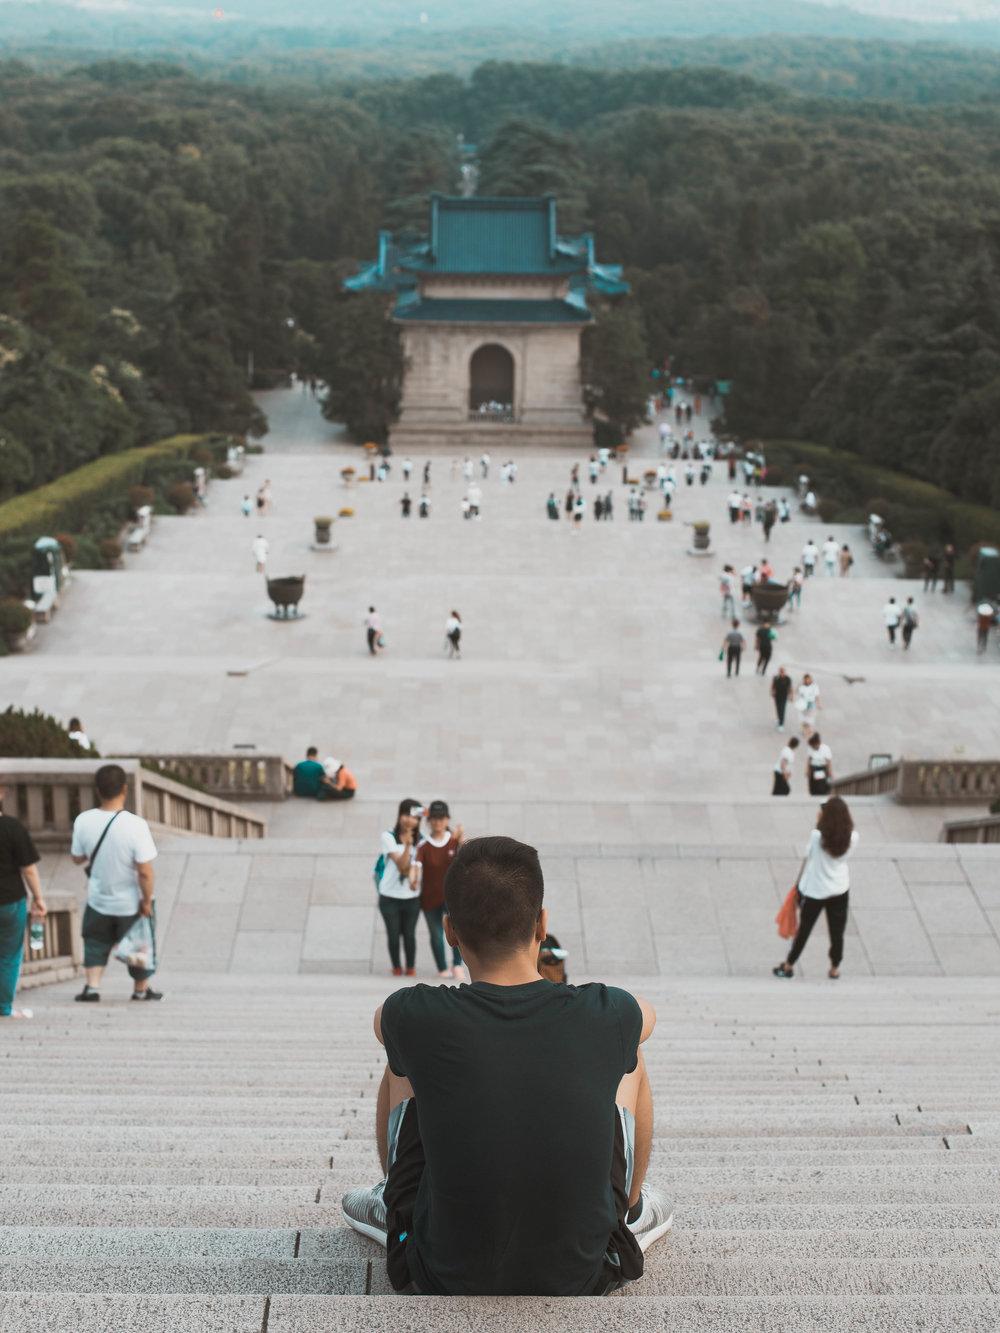 The top of the Dr. Sun Yat-sen Mausoleum in Nanjing